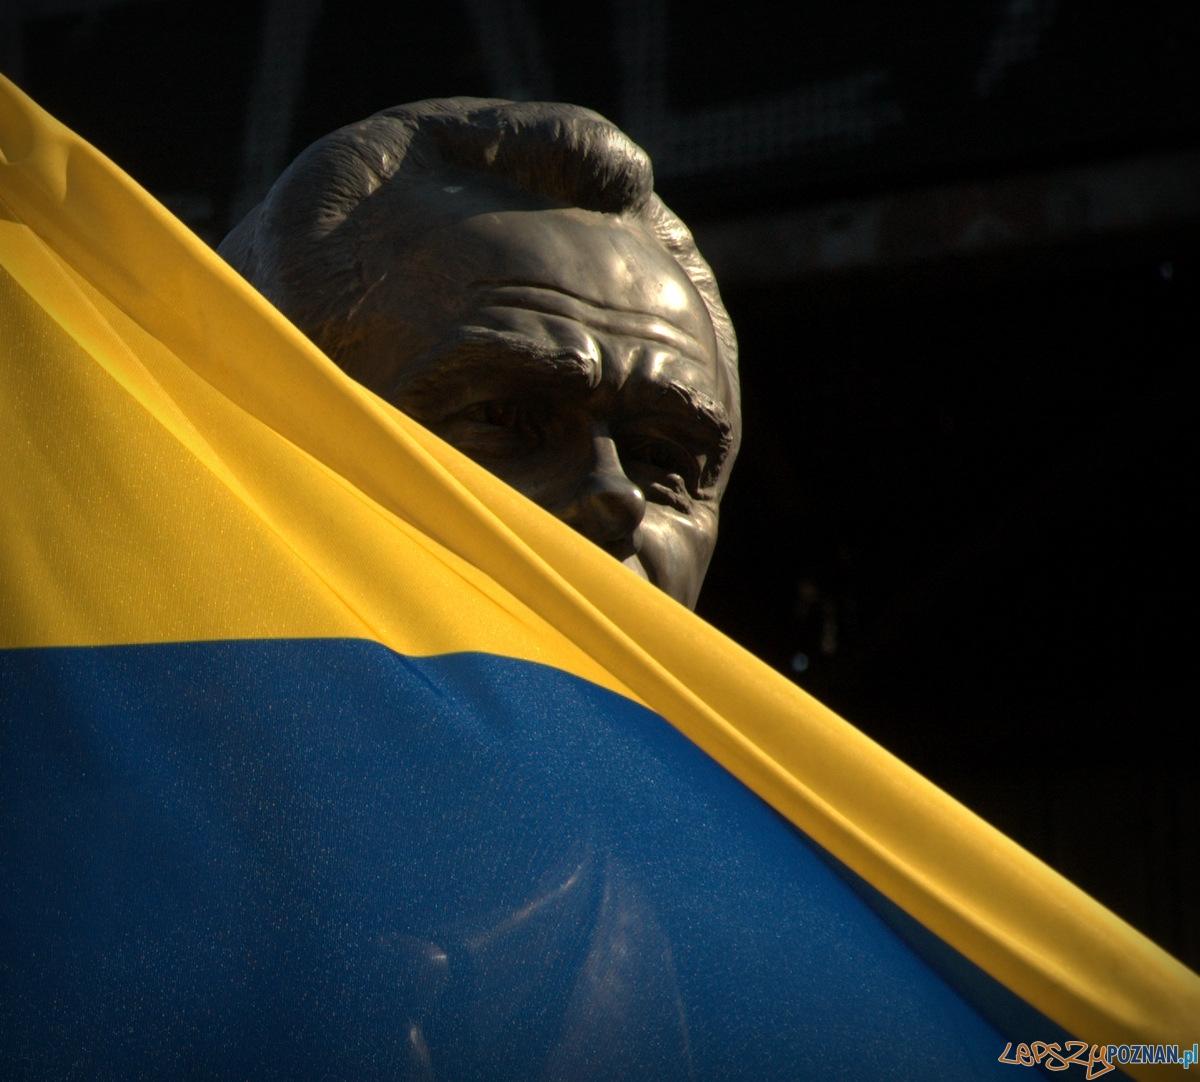 Walery Łobanowski – zasłużony piłkarz oraz trenera związany przez lata z Dynamem Kijów. Jego pomnik stojący przed bramą stadionu tuż obok barykady był świadkiem krwawych starć z Berkutem. Ktoś – nie wiem czy omyłko czy specjalnie – wetknął w jego ręce odwróconą flagę. Na jego oczach Ukraina wywróciła się do góry nogami.   Foto: lepszyPOZNAN.pl / Mathias Mezler